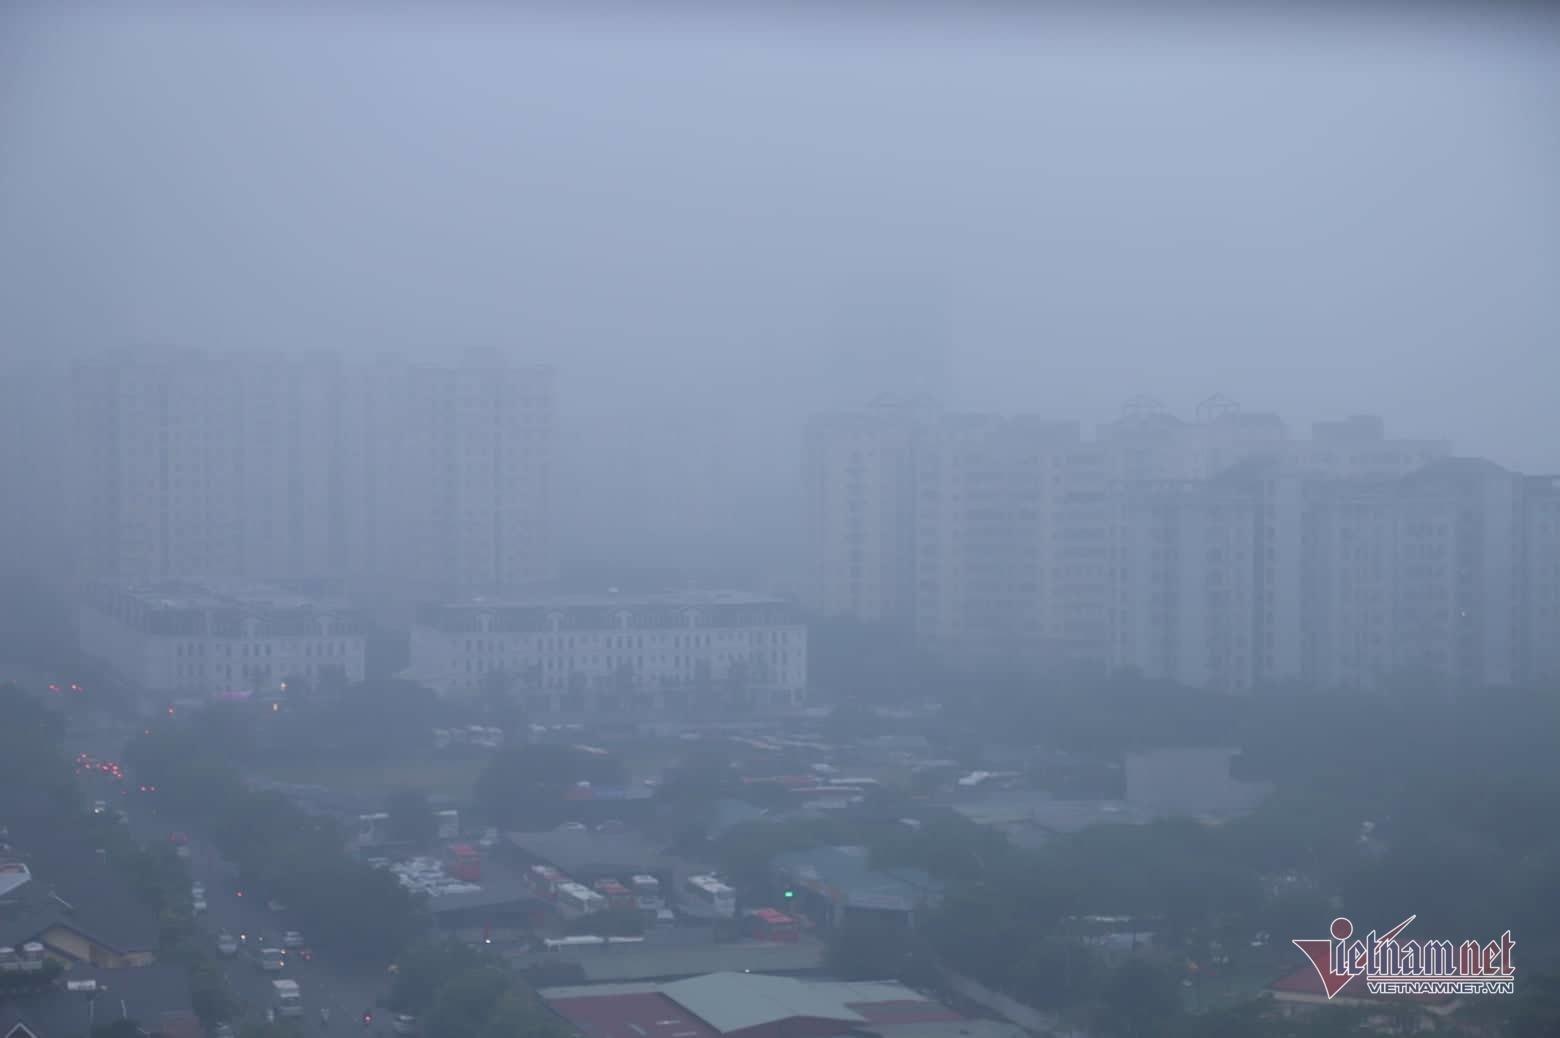 Sương mù giăng phủ Hà Nội, cao ốc mất hút Ảnh 12